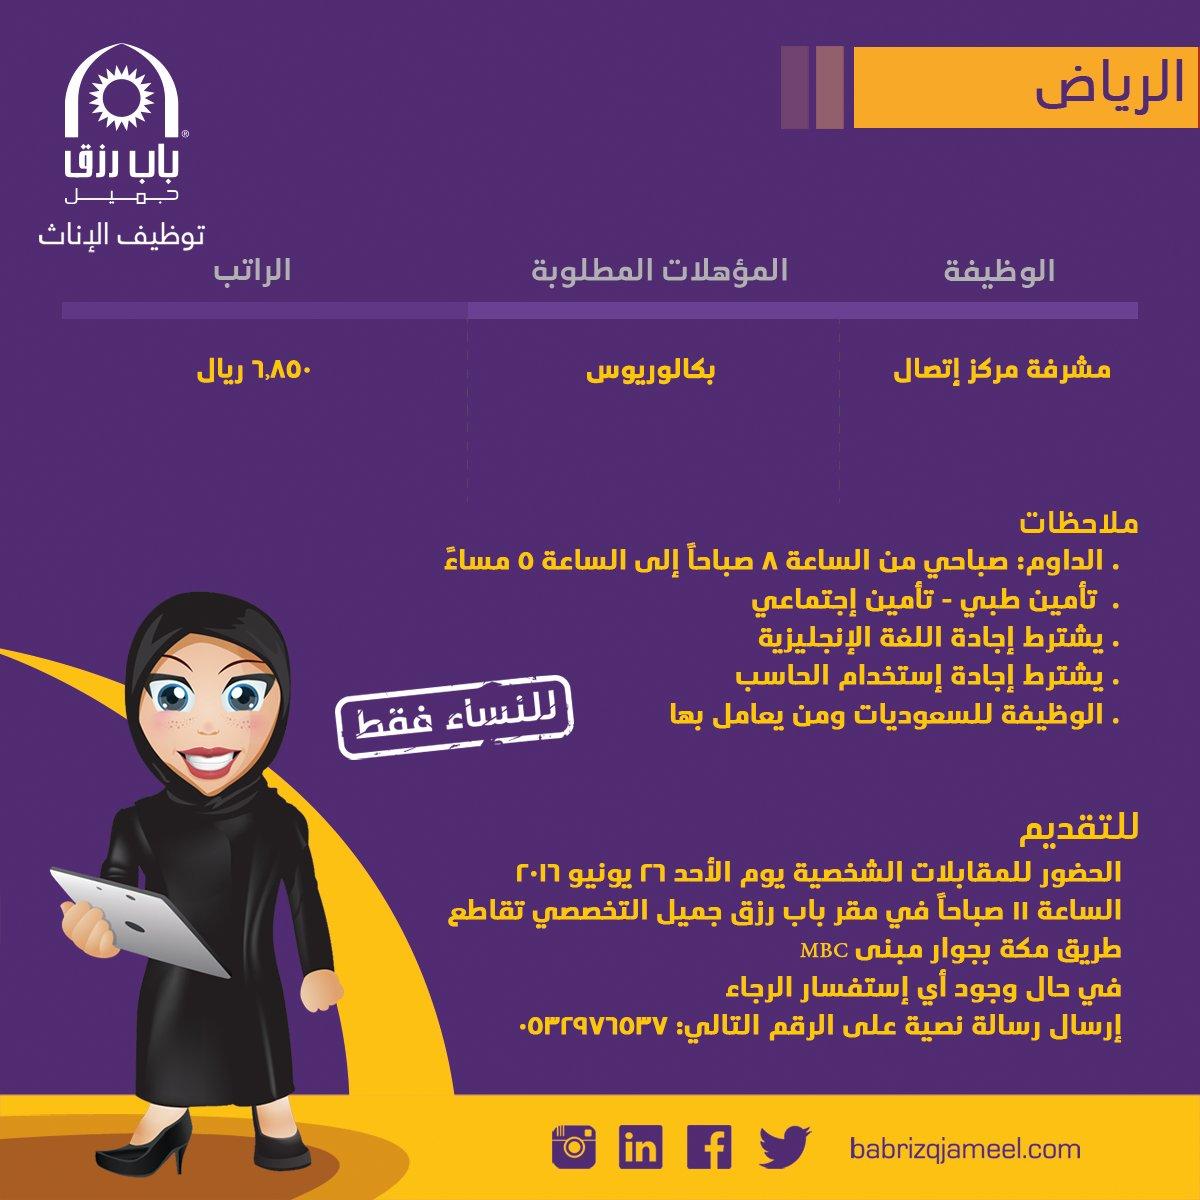 غدا الأحد التقديم على وظيفة مشرفة مركز إتصال - الرياض